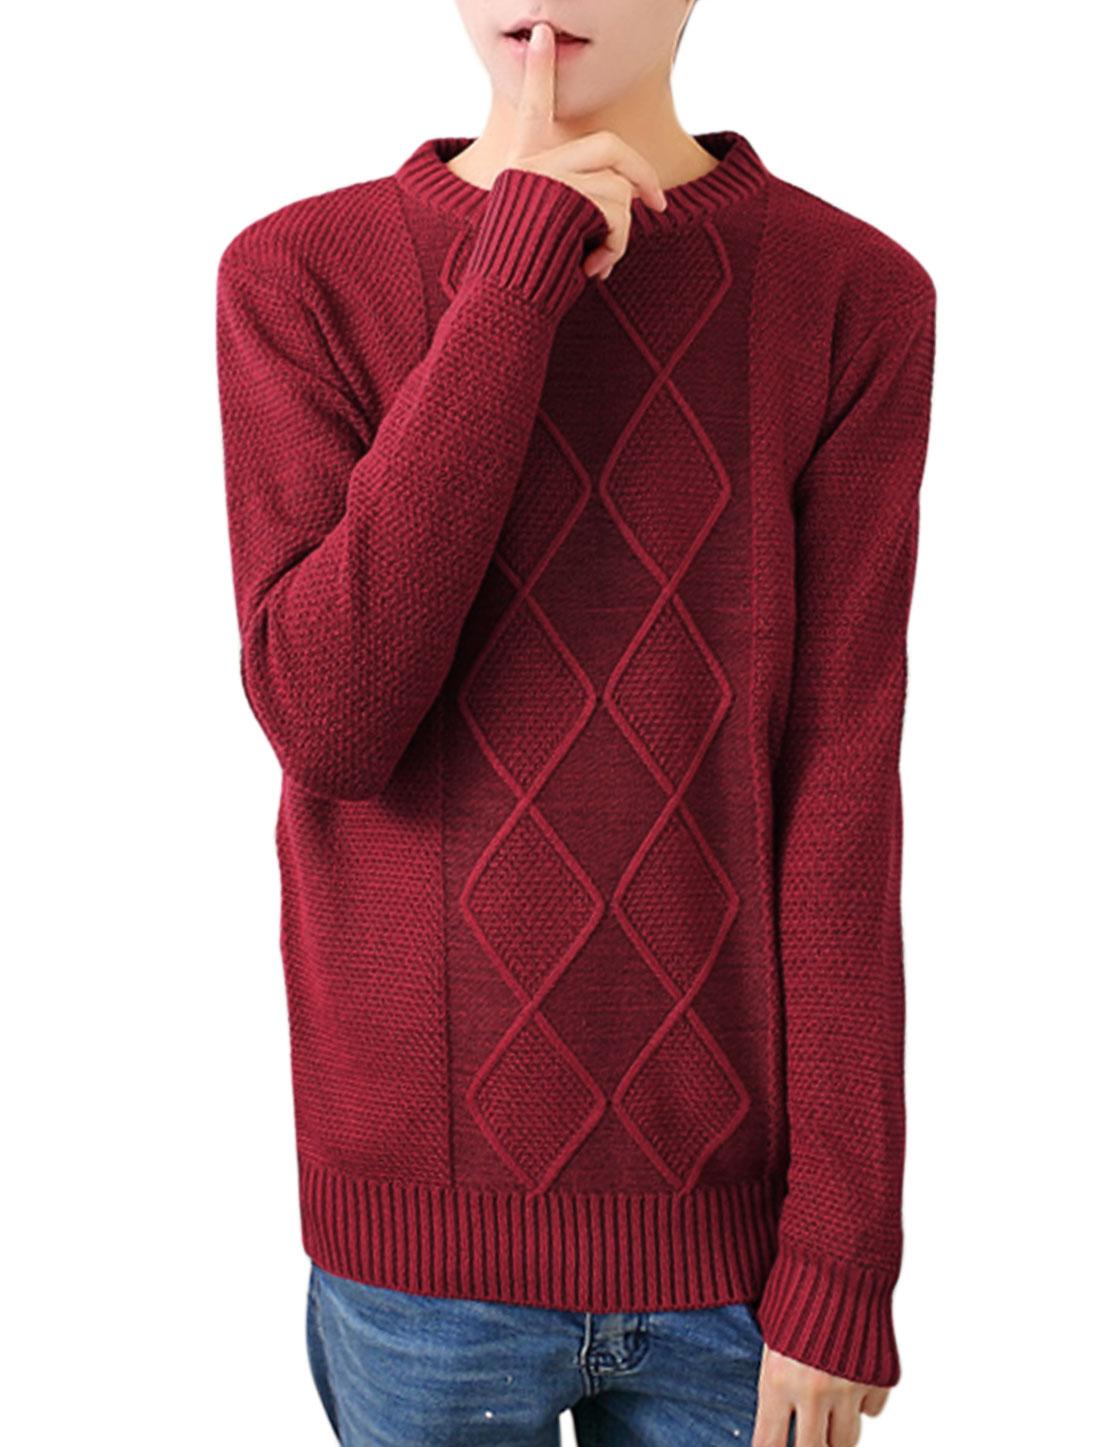 Men Argyle Design Crew Neck Slipover Burgundy Sweater S